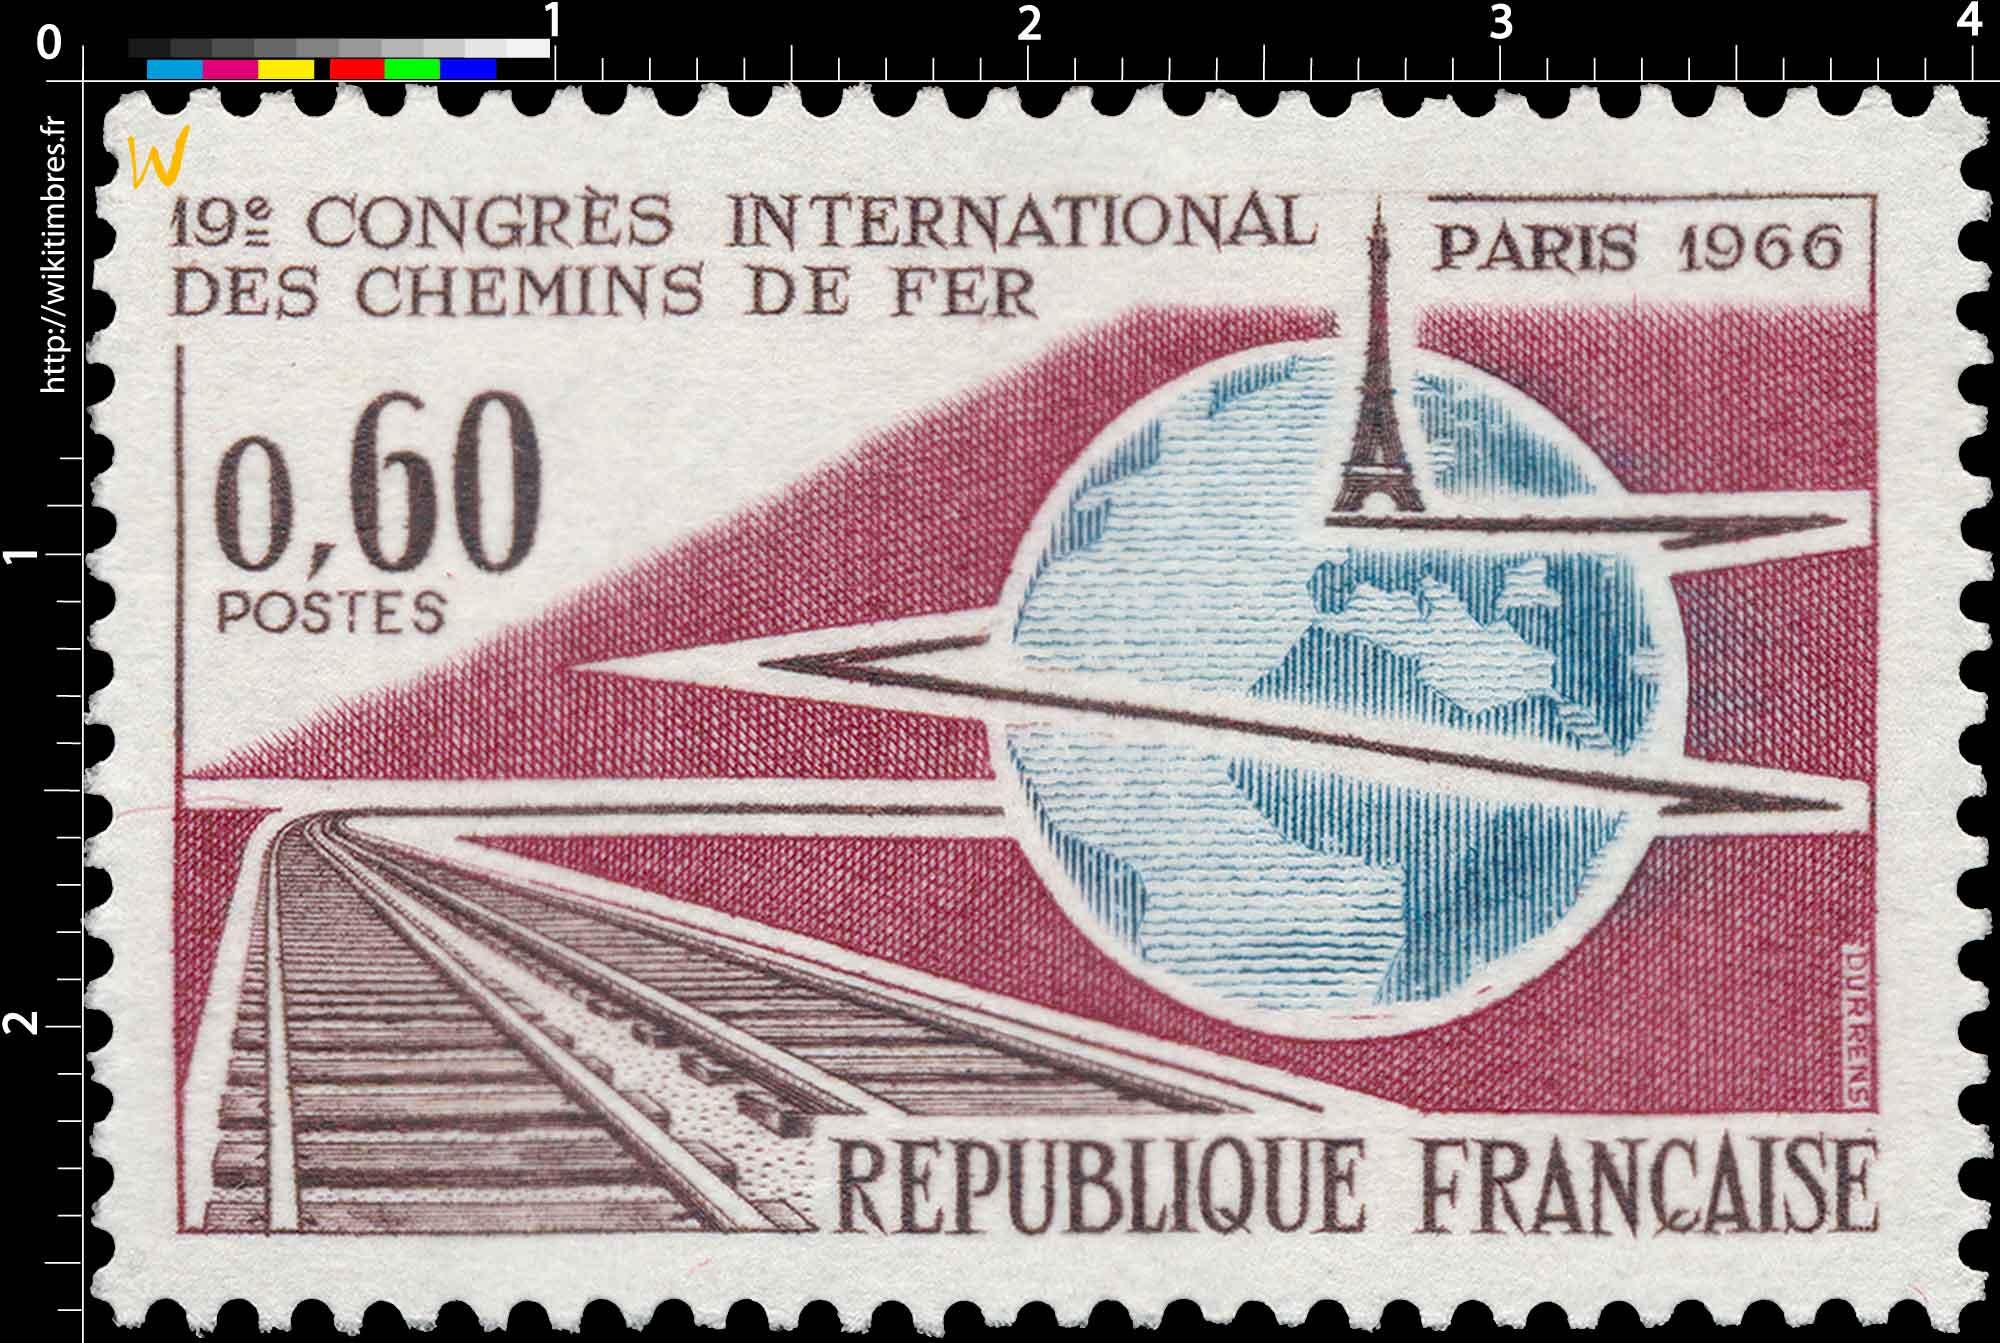 19e CONGRÈS INTERNATIONAL DES CHEMINS DE FER PARIS 1966